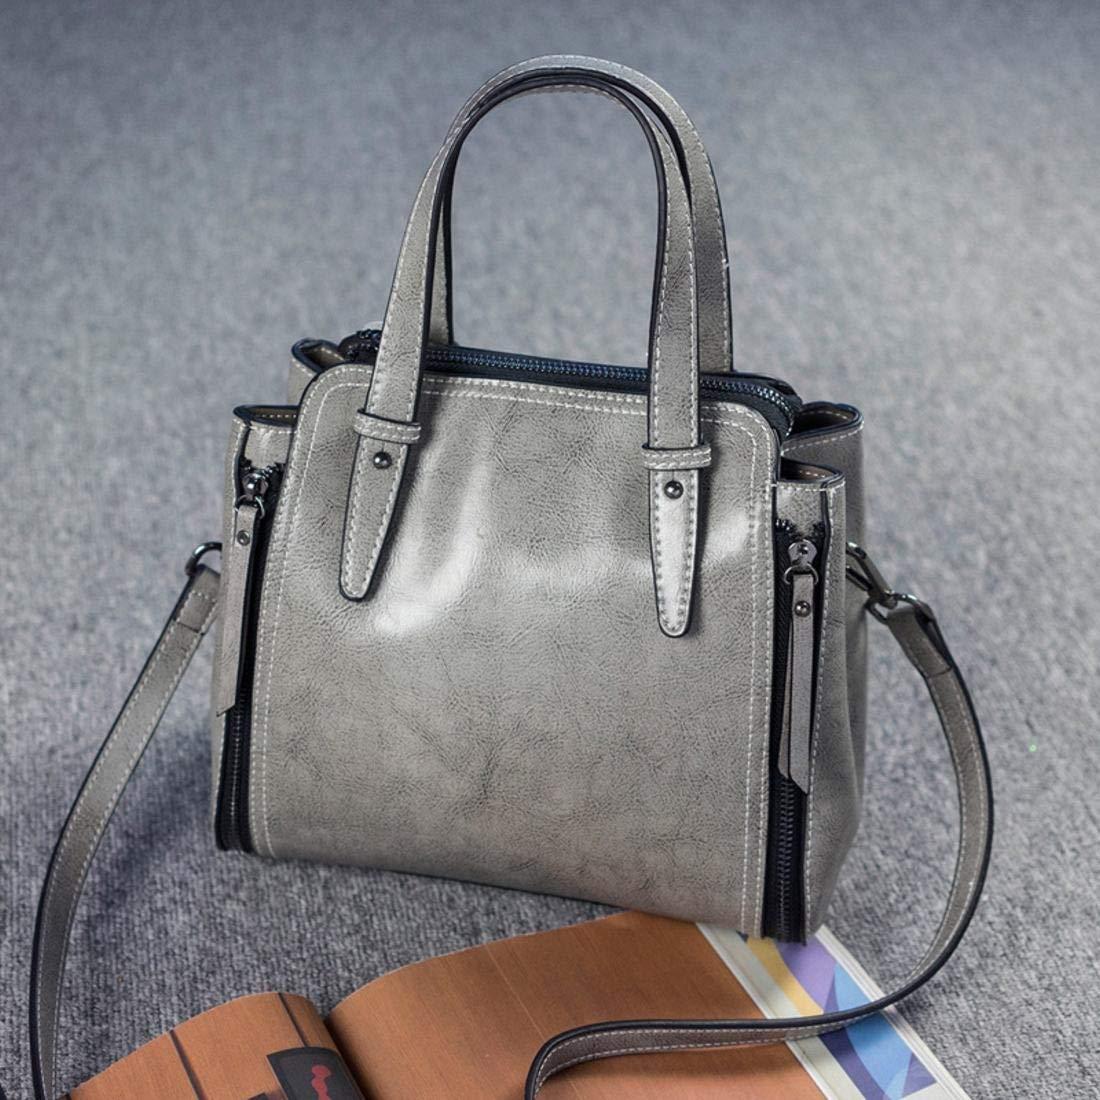 GSAYDNEE GSAYDNEE GSAYDNEE Echtes Leder Handtaschen für Frauen Umhängetasche Hobo Handtasche Tote Umhängetasche (Farbe   grau) B07PSDKZ3X Clutches Für Ihre Wahl 86ff7a